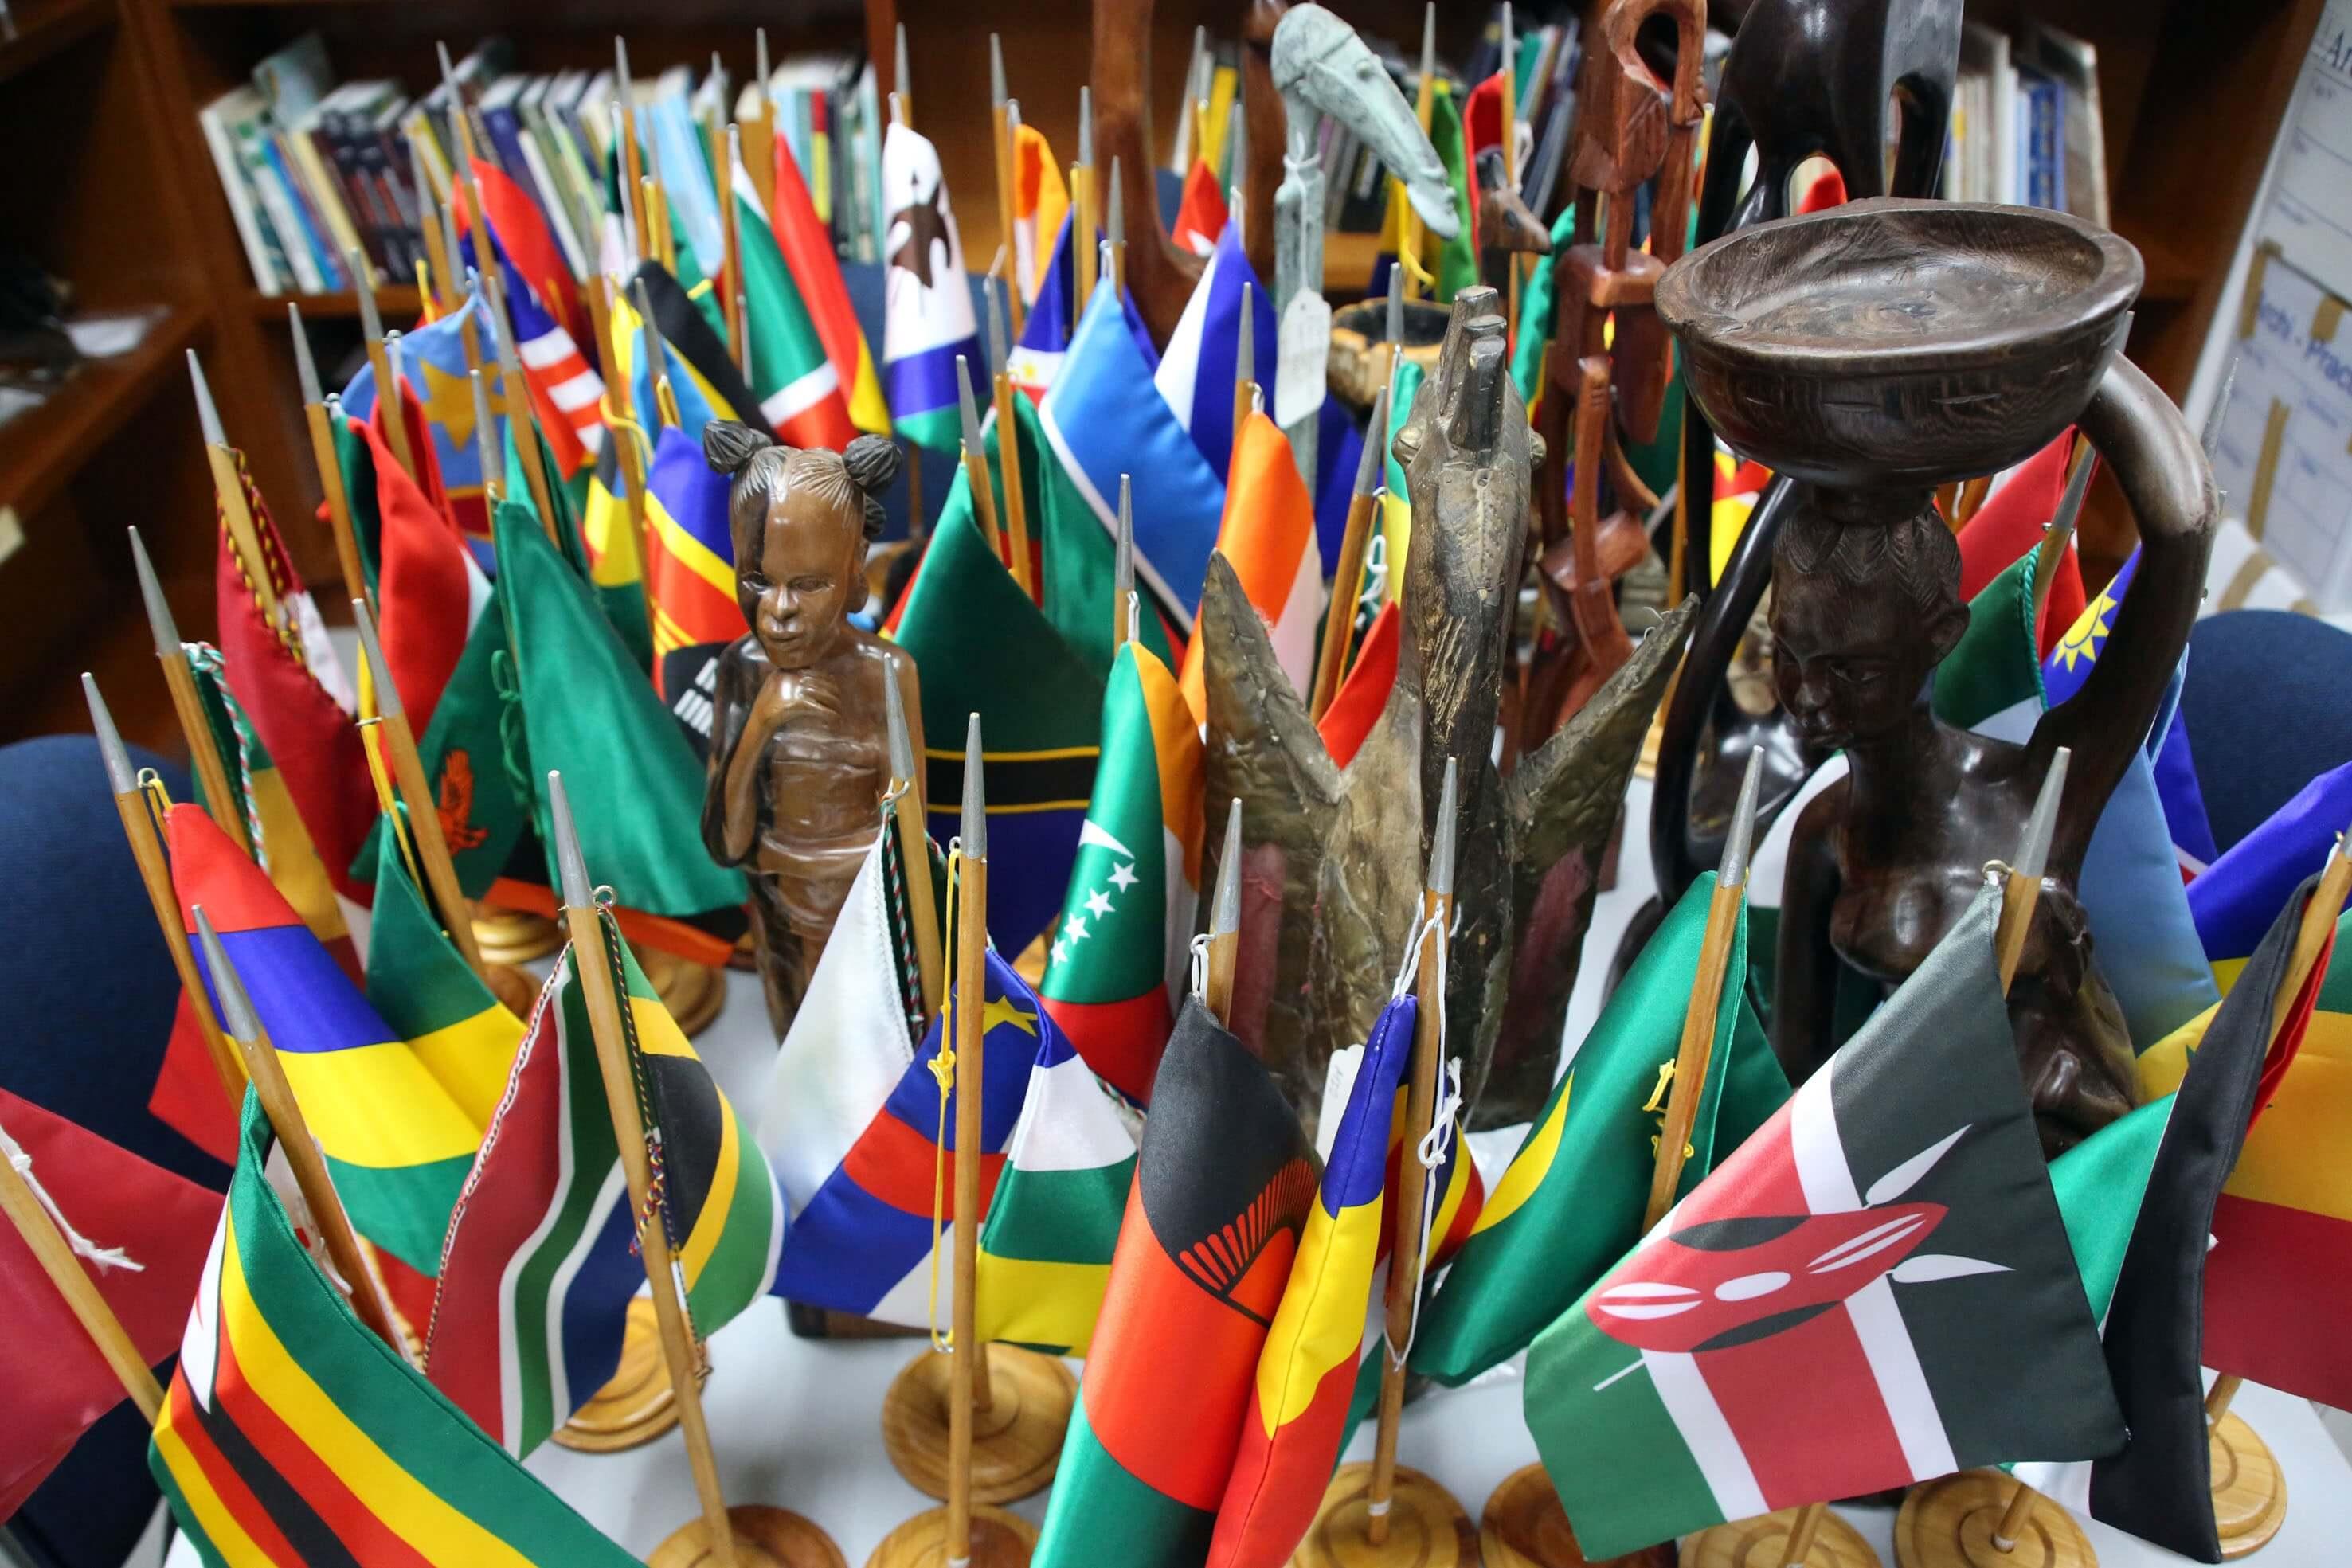 Portafolio de Máscaras Africanas en el Objetivo de Orlando Ugueto